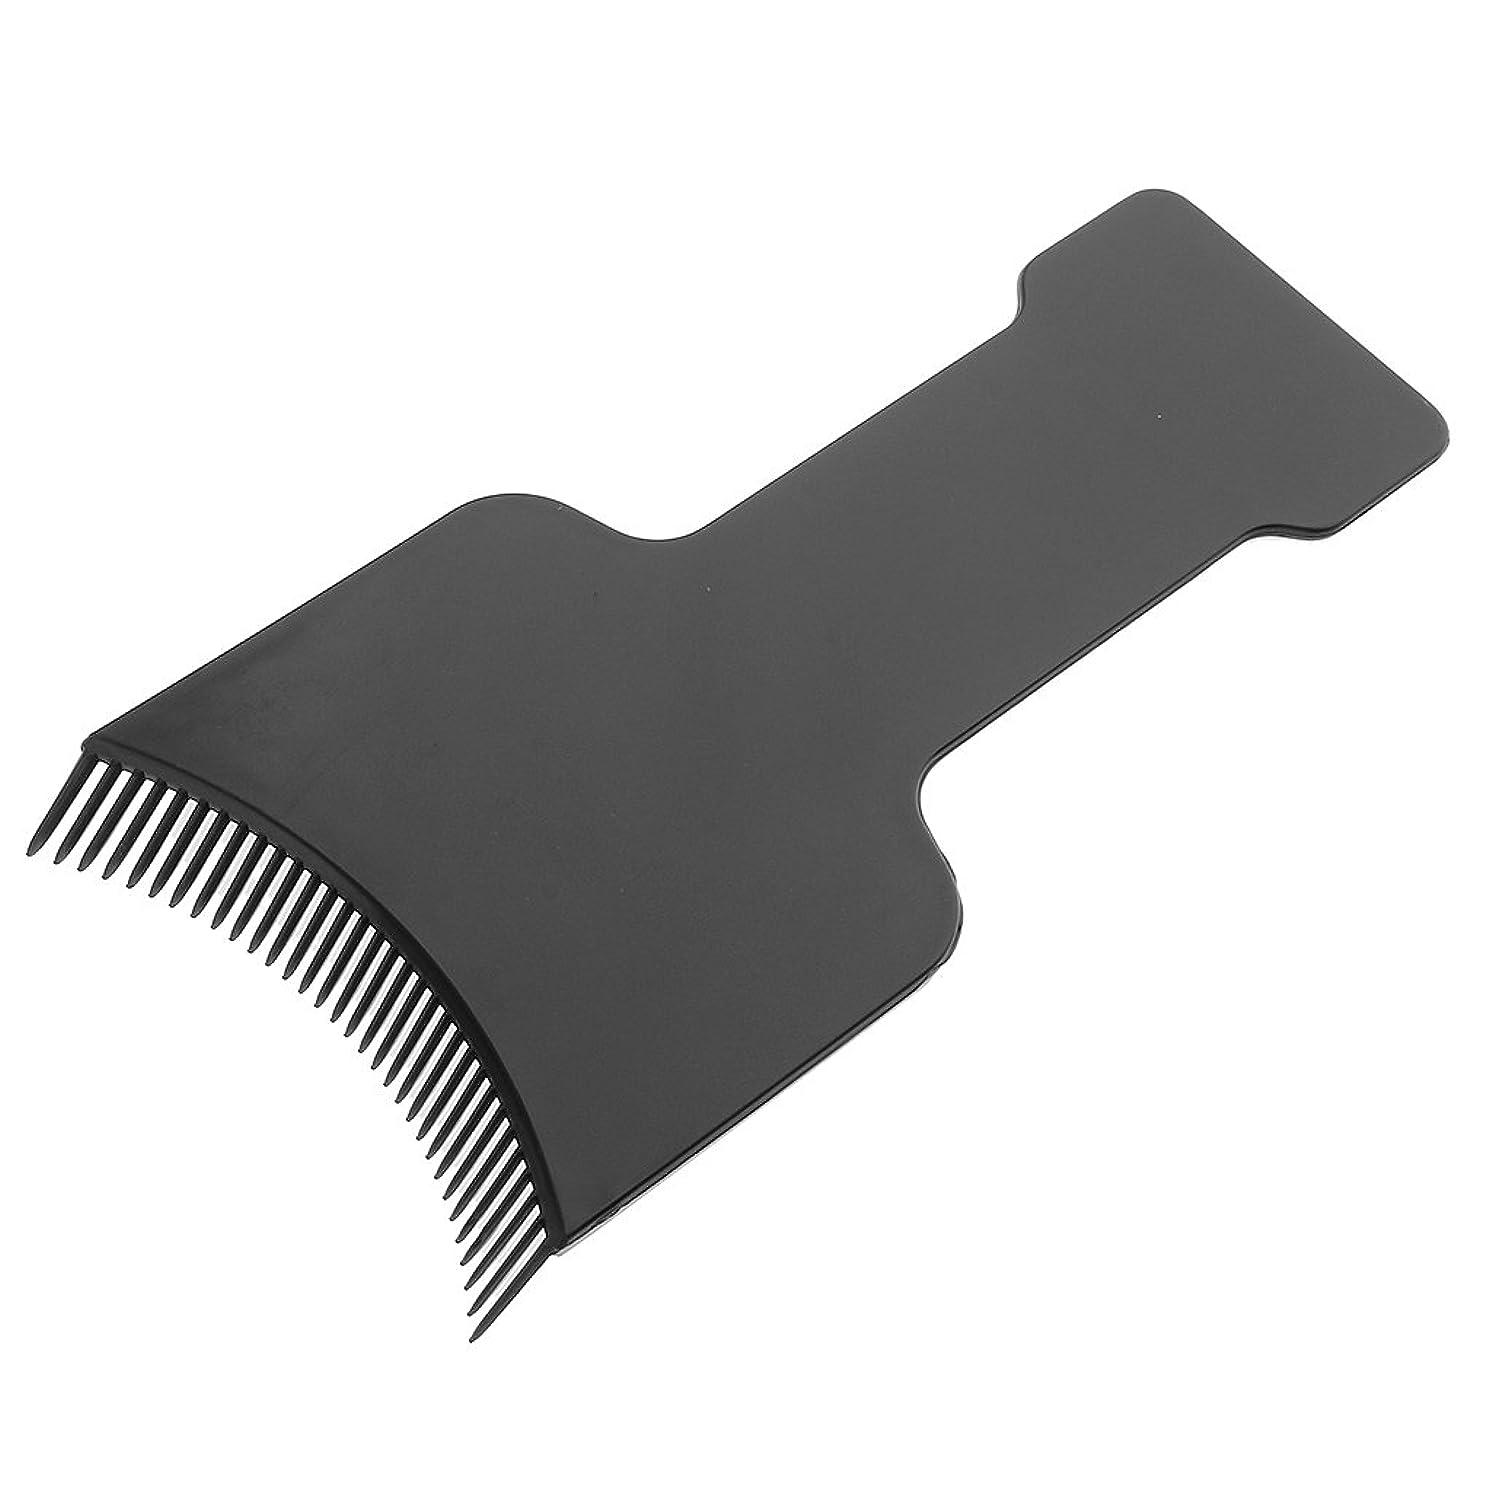 彼らのもの農業ジャニスFenteer ヘアカラー ボード 髪 染色 ツール ブラック 全4サイズ - S